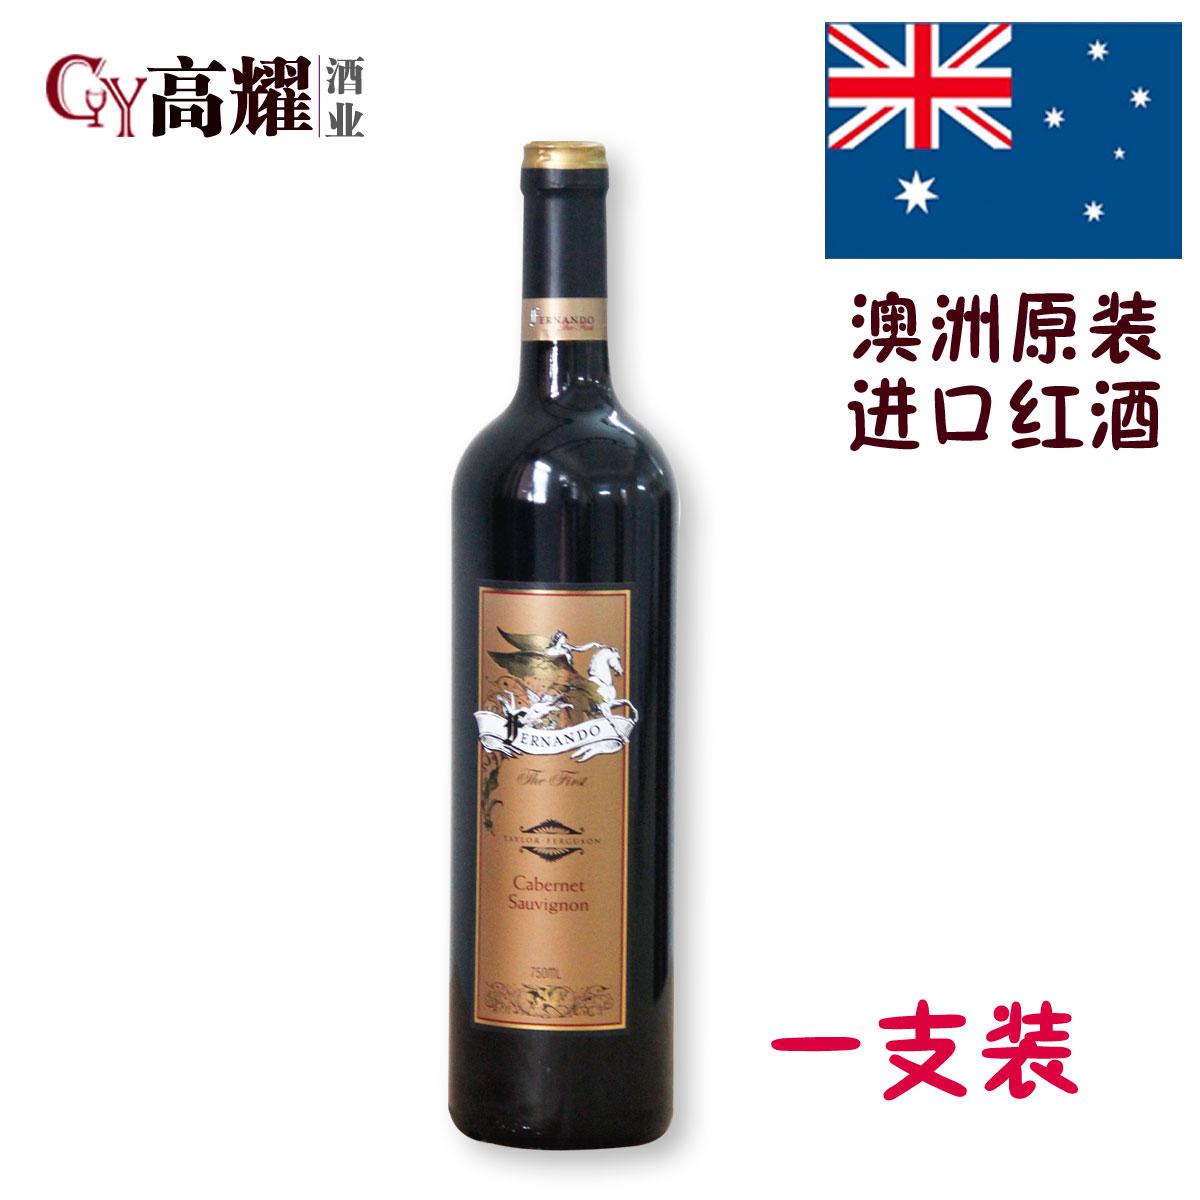 澳洲费尔南多赤霞珠原瓶原装进口红酒干红葡萄酒2015礼盒热销促销